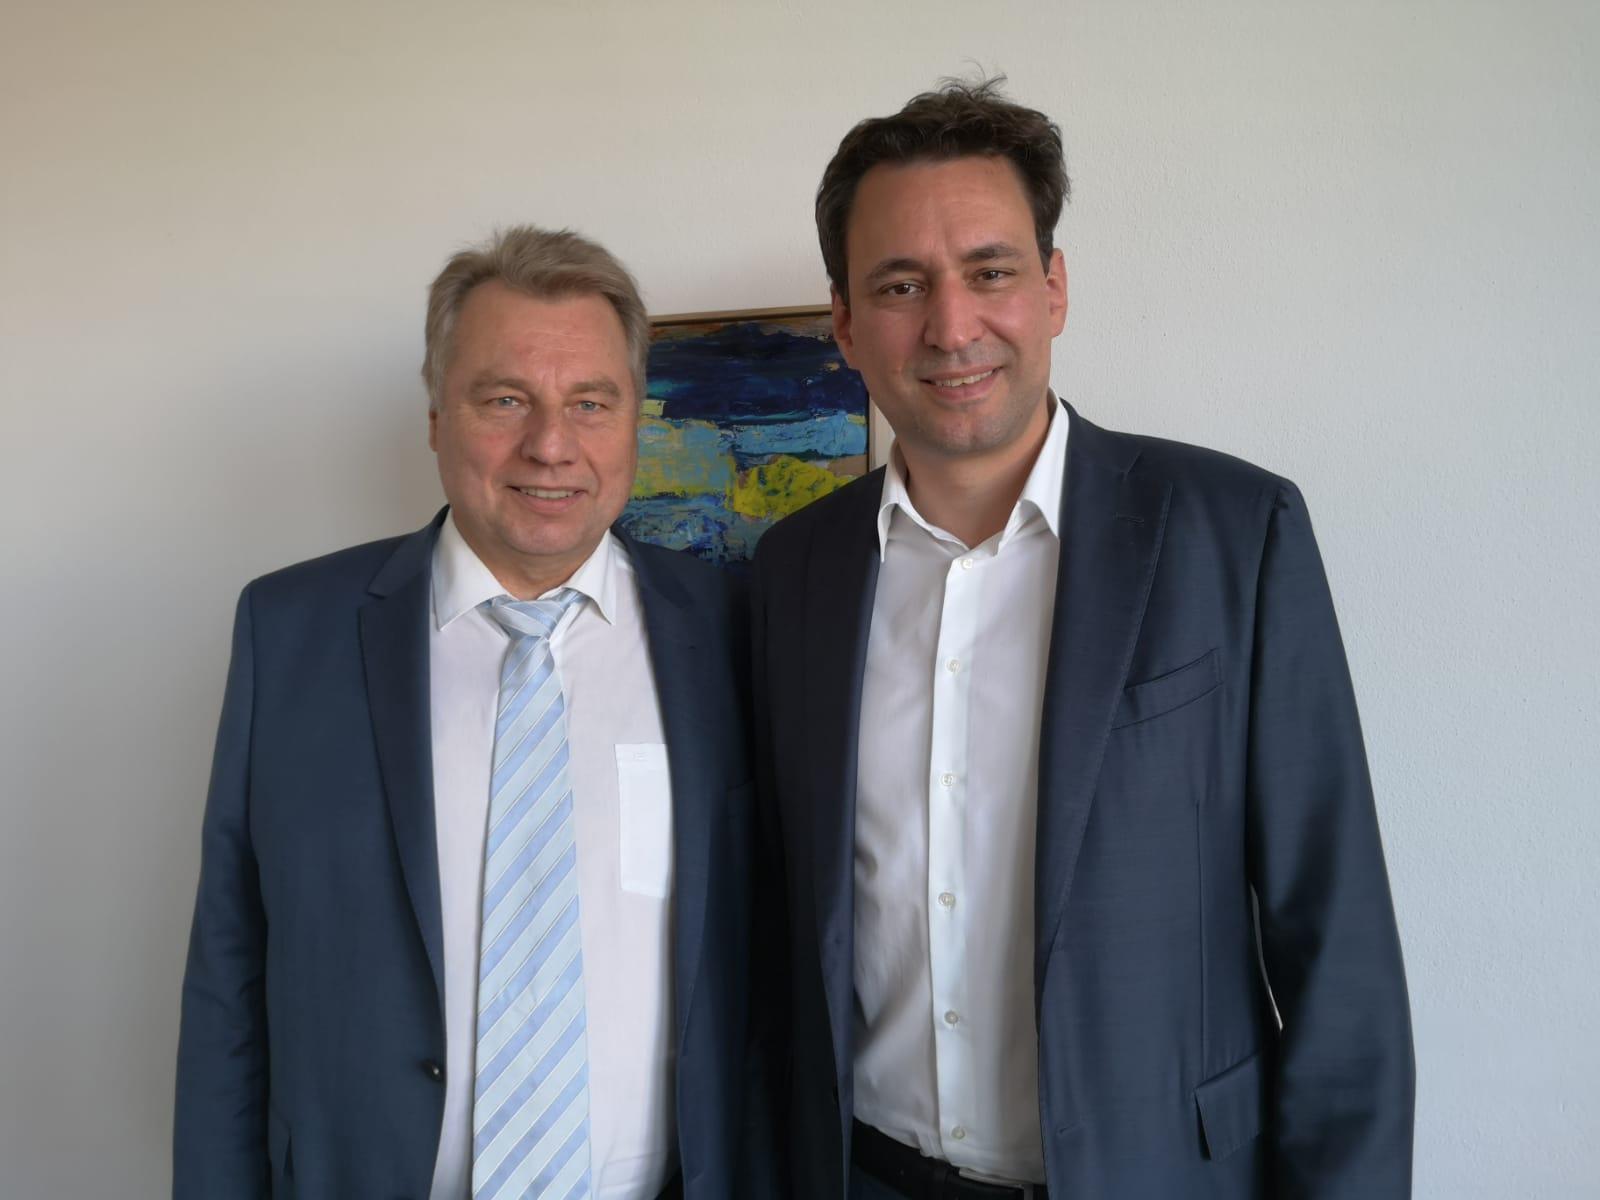 Brauner&Eisenreiich